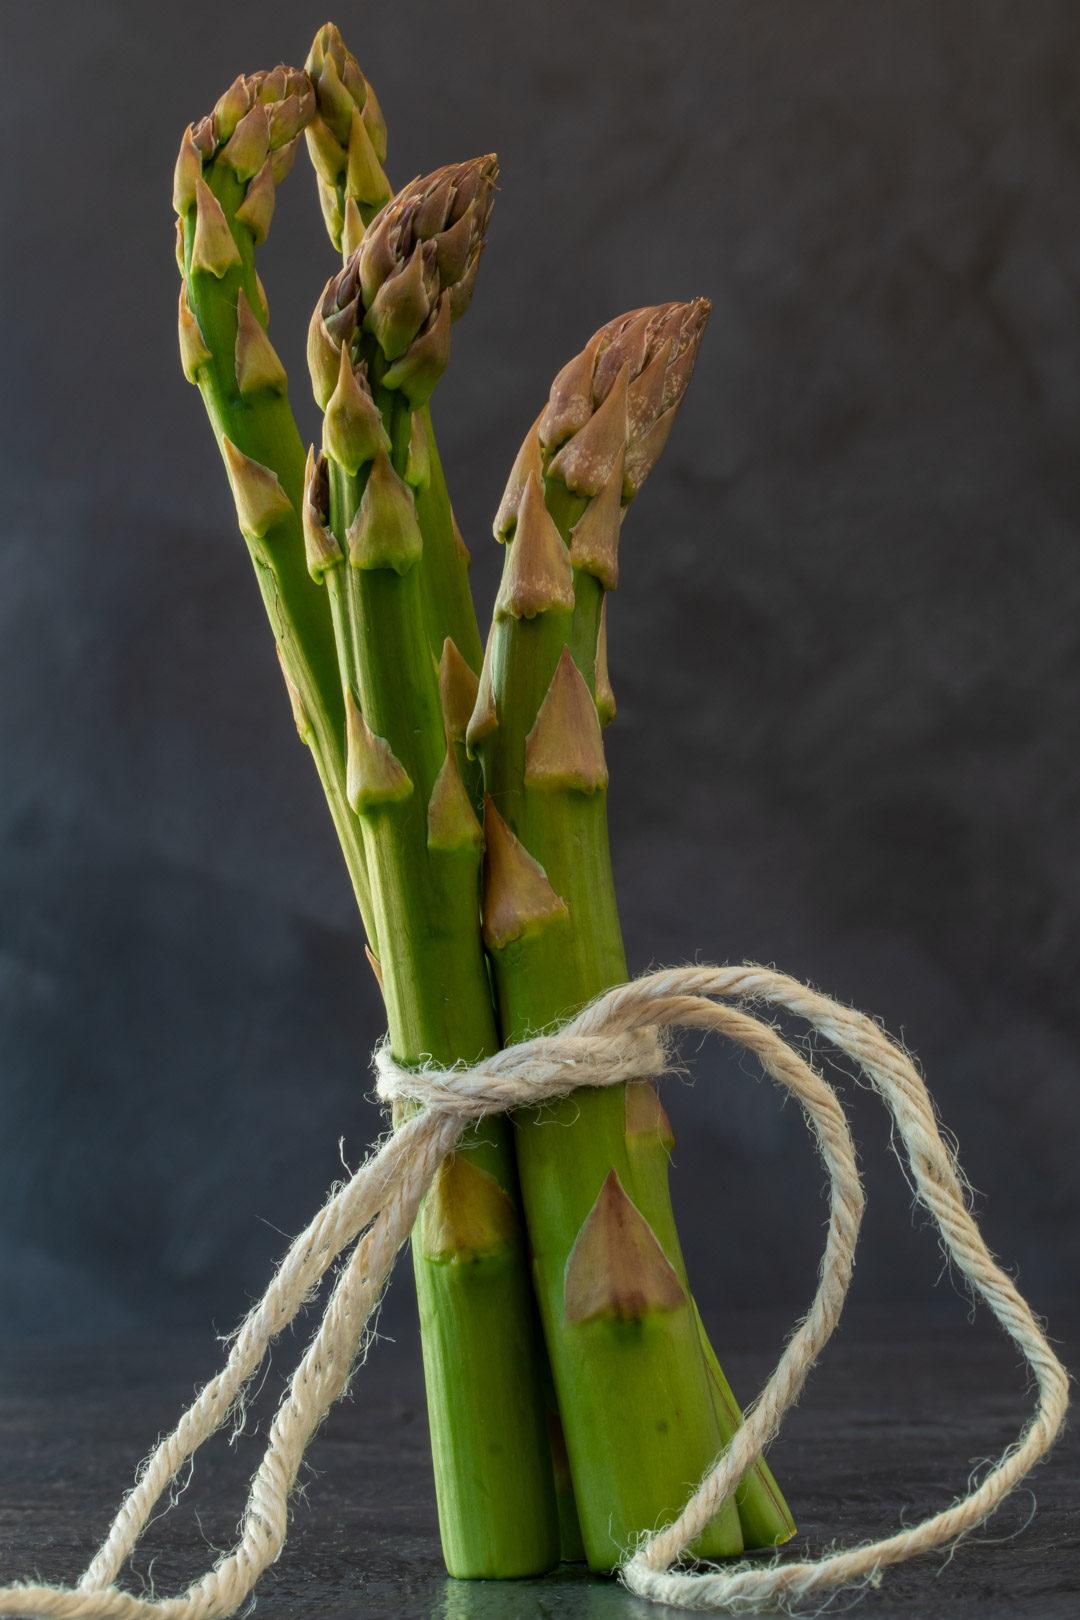 asparagus & lemon tart: asparagus still life with grey background